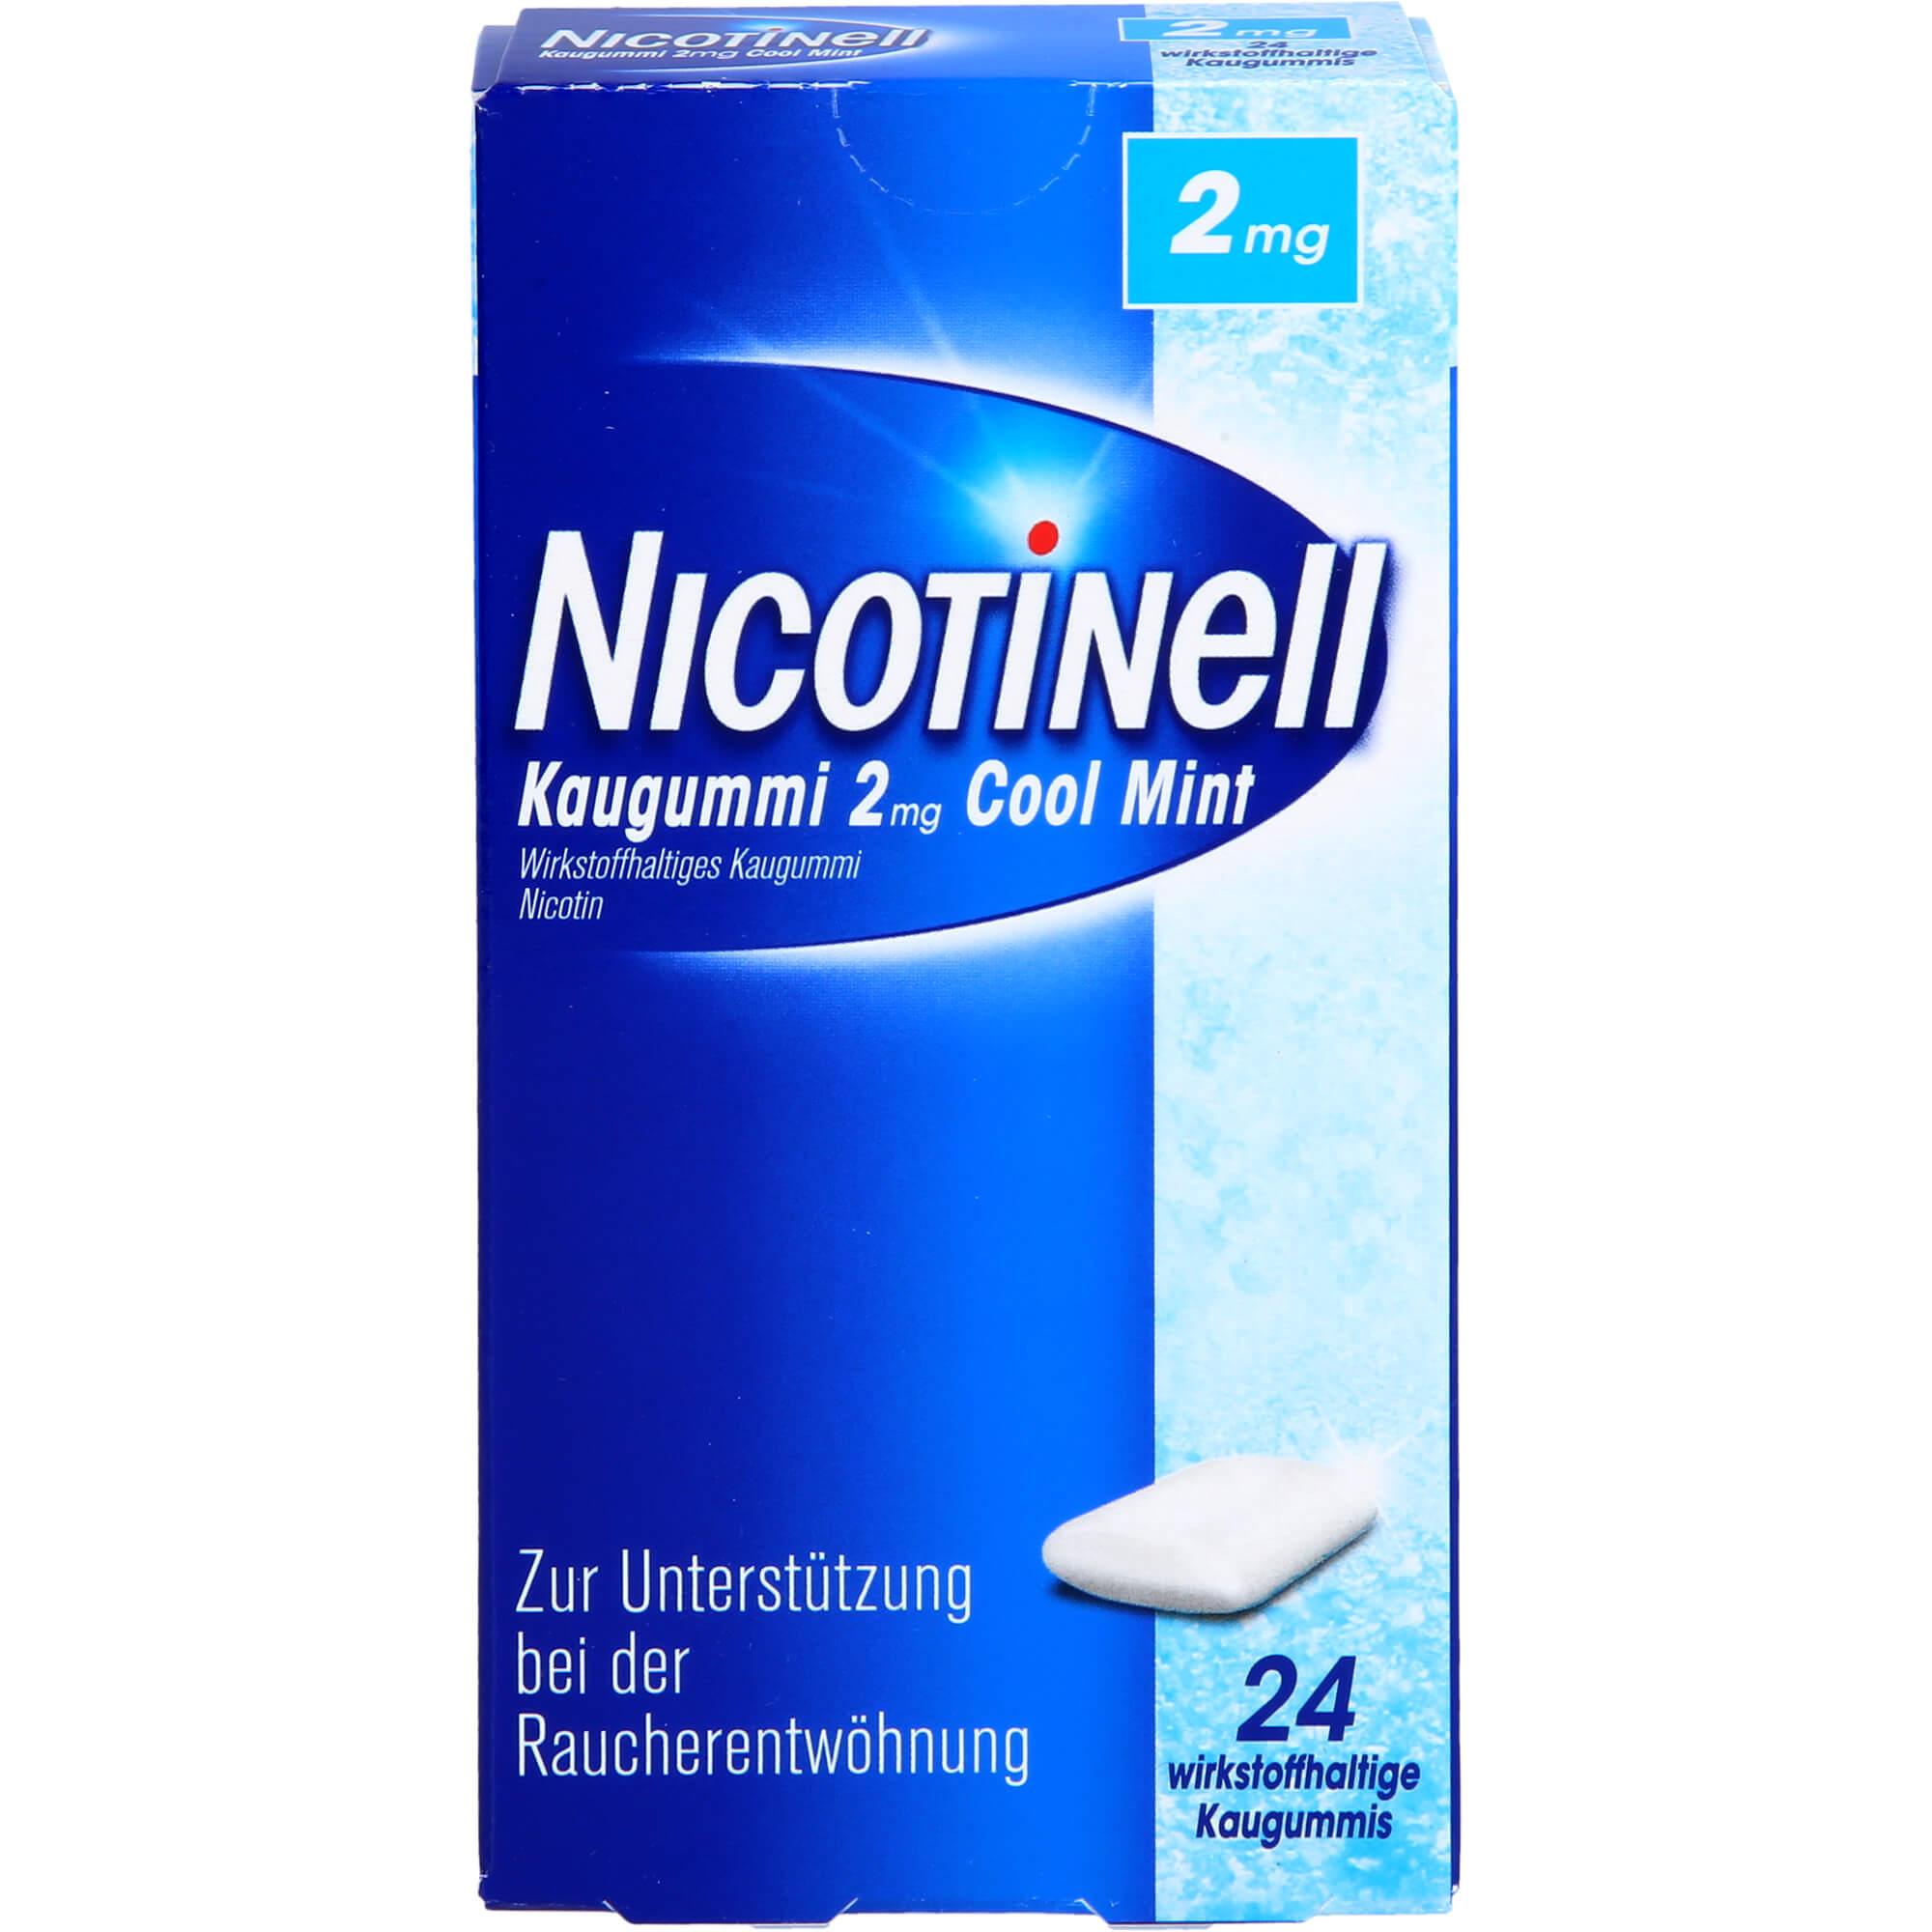 NICOTINELL-Kaugummi-Cool-Mint-2-mg